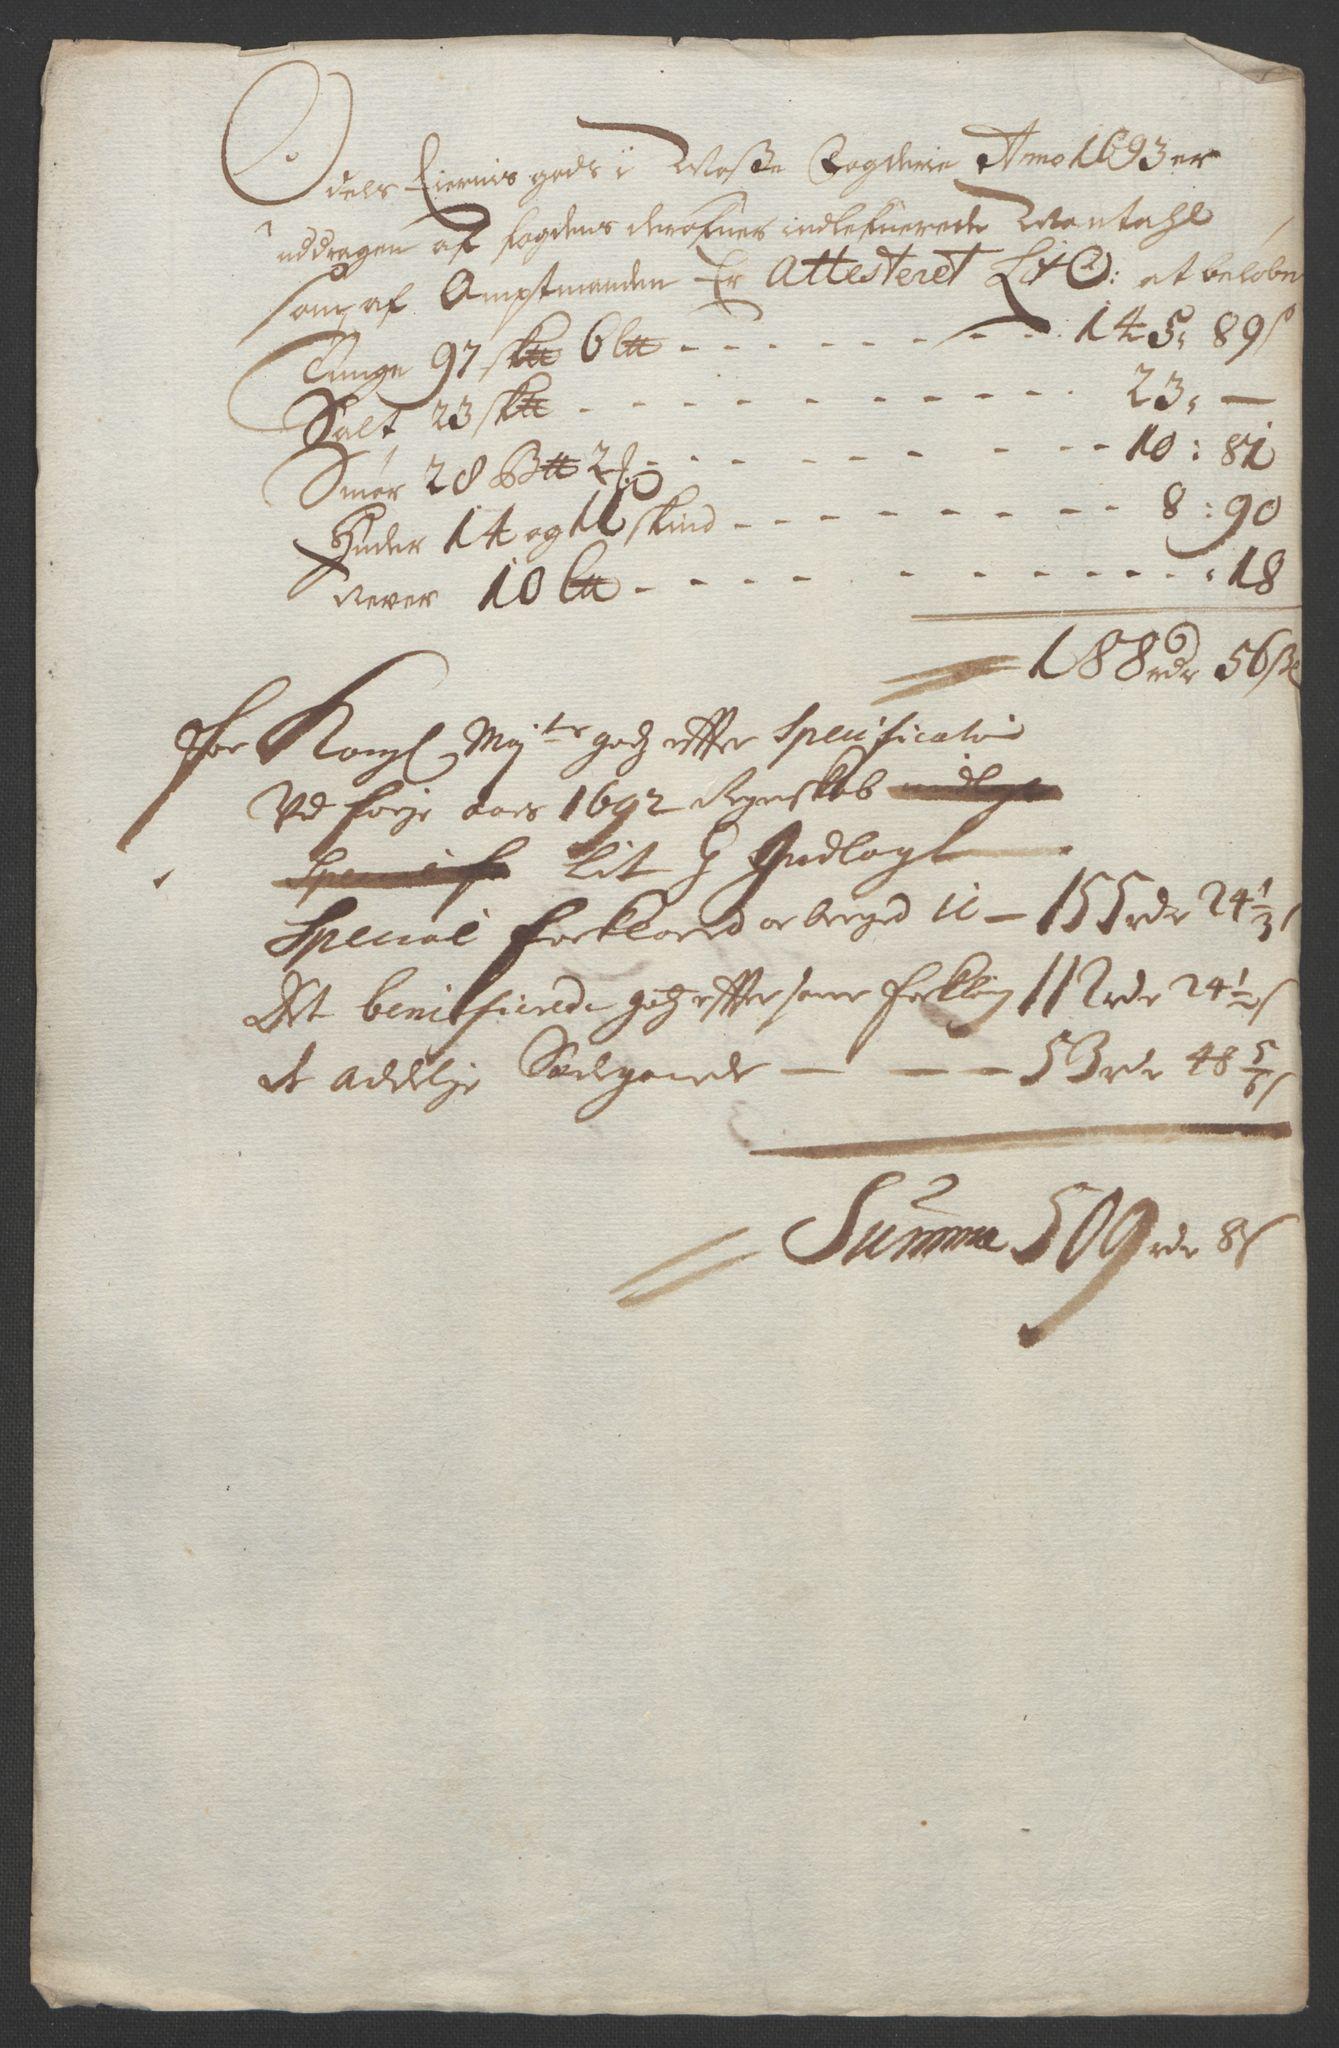 RA, Rentekammeret inntil 1814, Reviderte regnskaper, Fogderegnskap, R02/L0108: Fogderegnskap Moss og Verne kloster, 1692-1693, s. 294